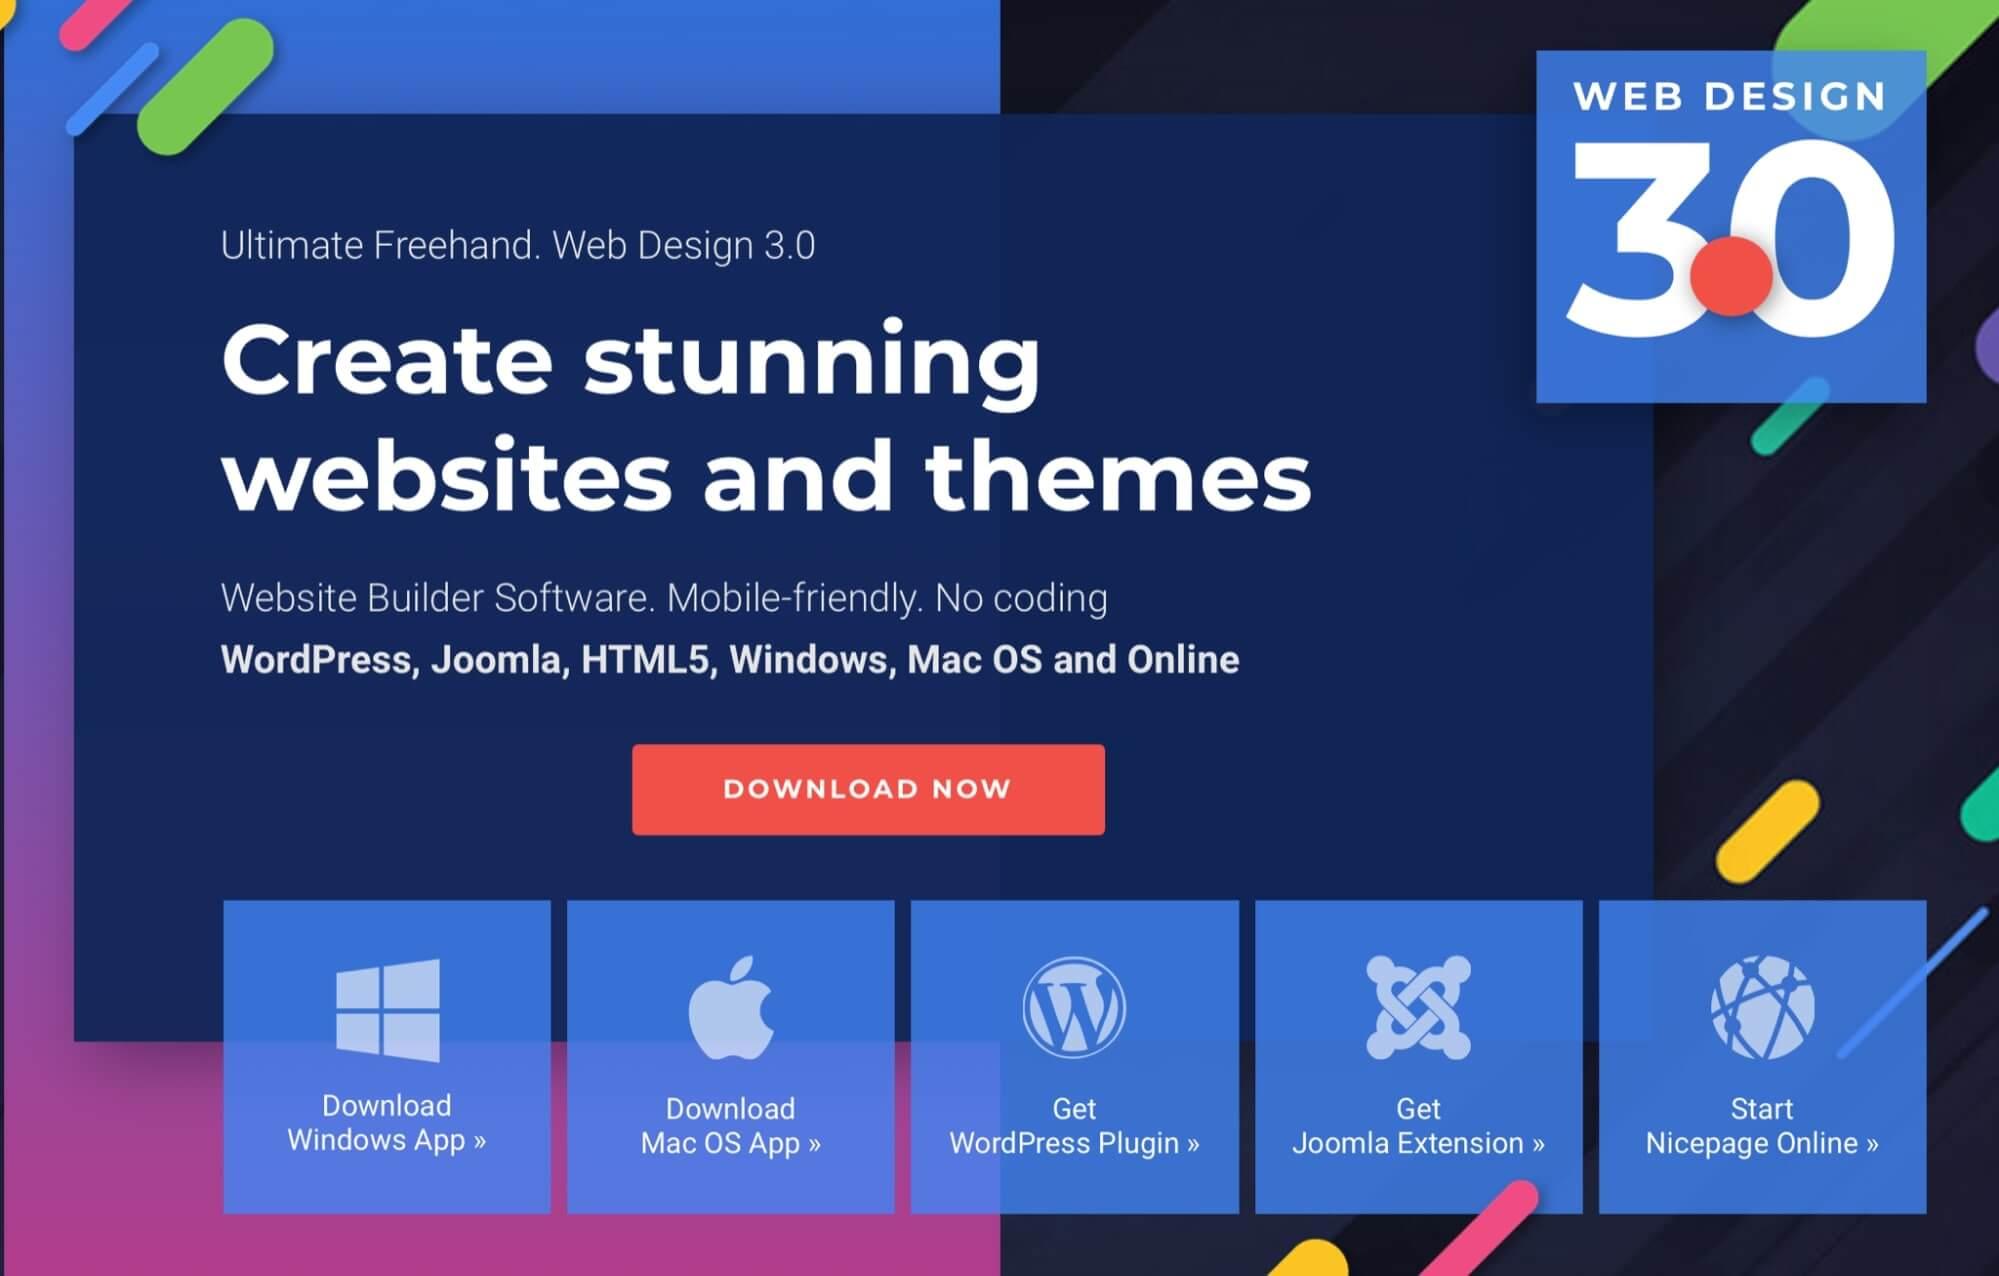 Nicepage Website Builder